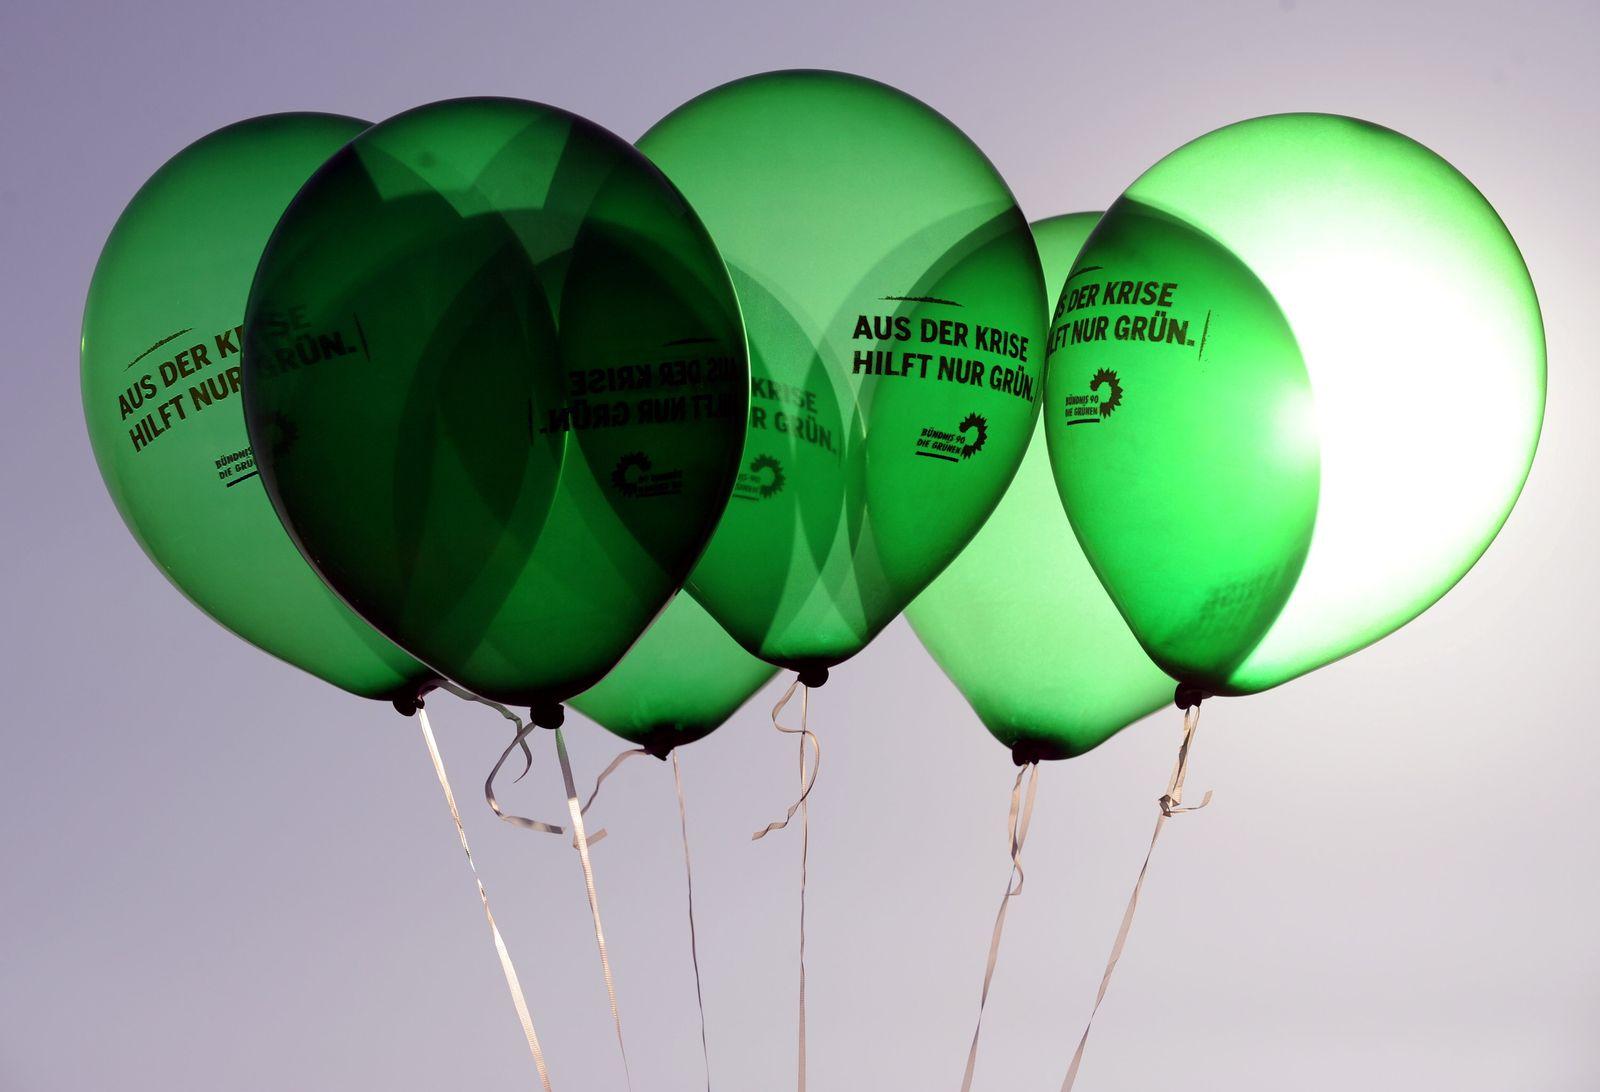 Die Grünen Greens